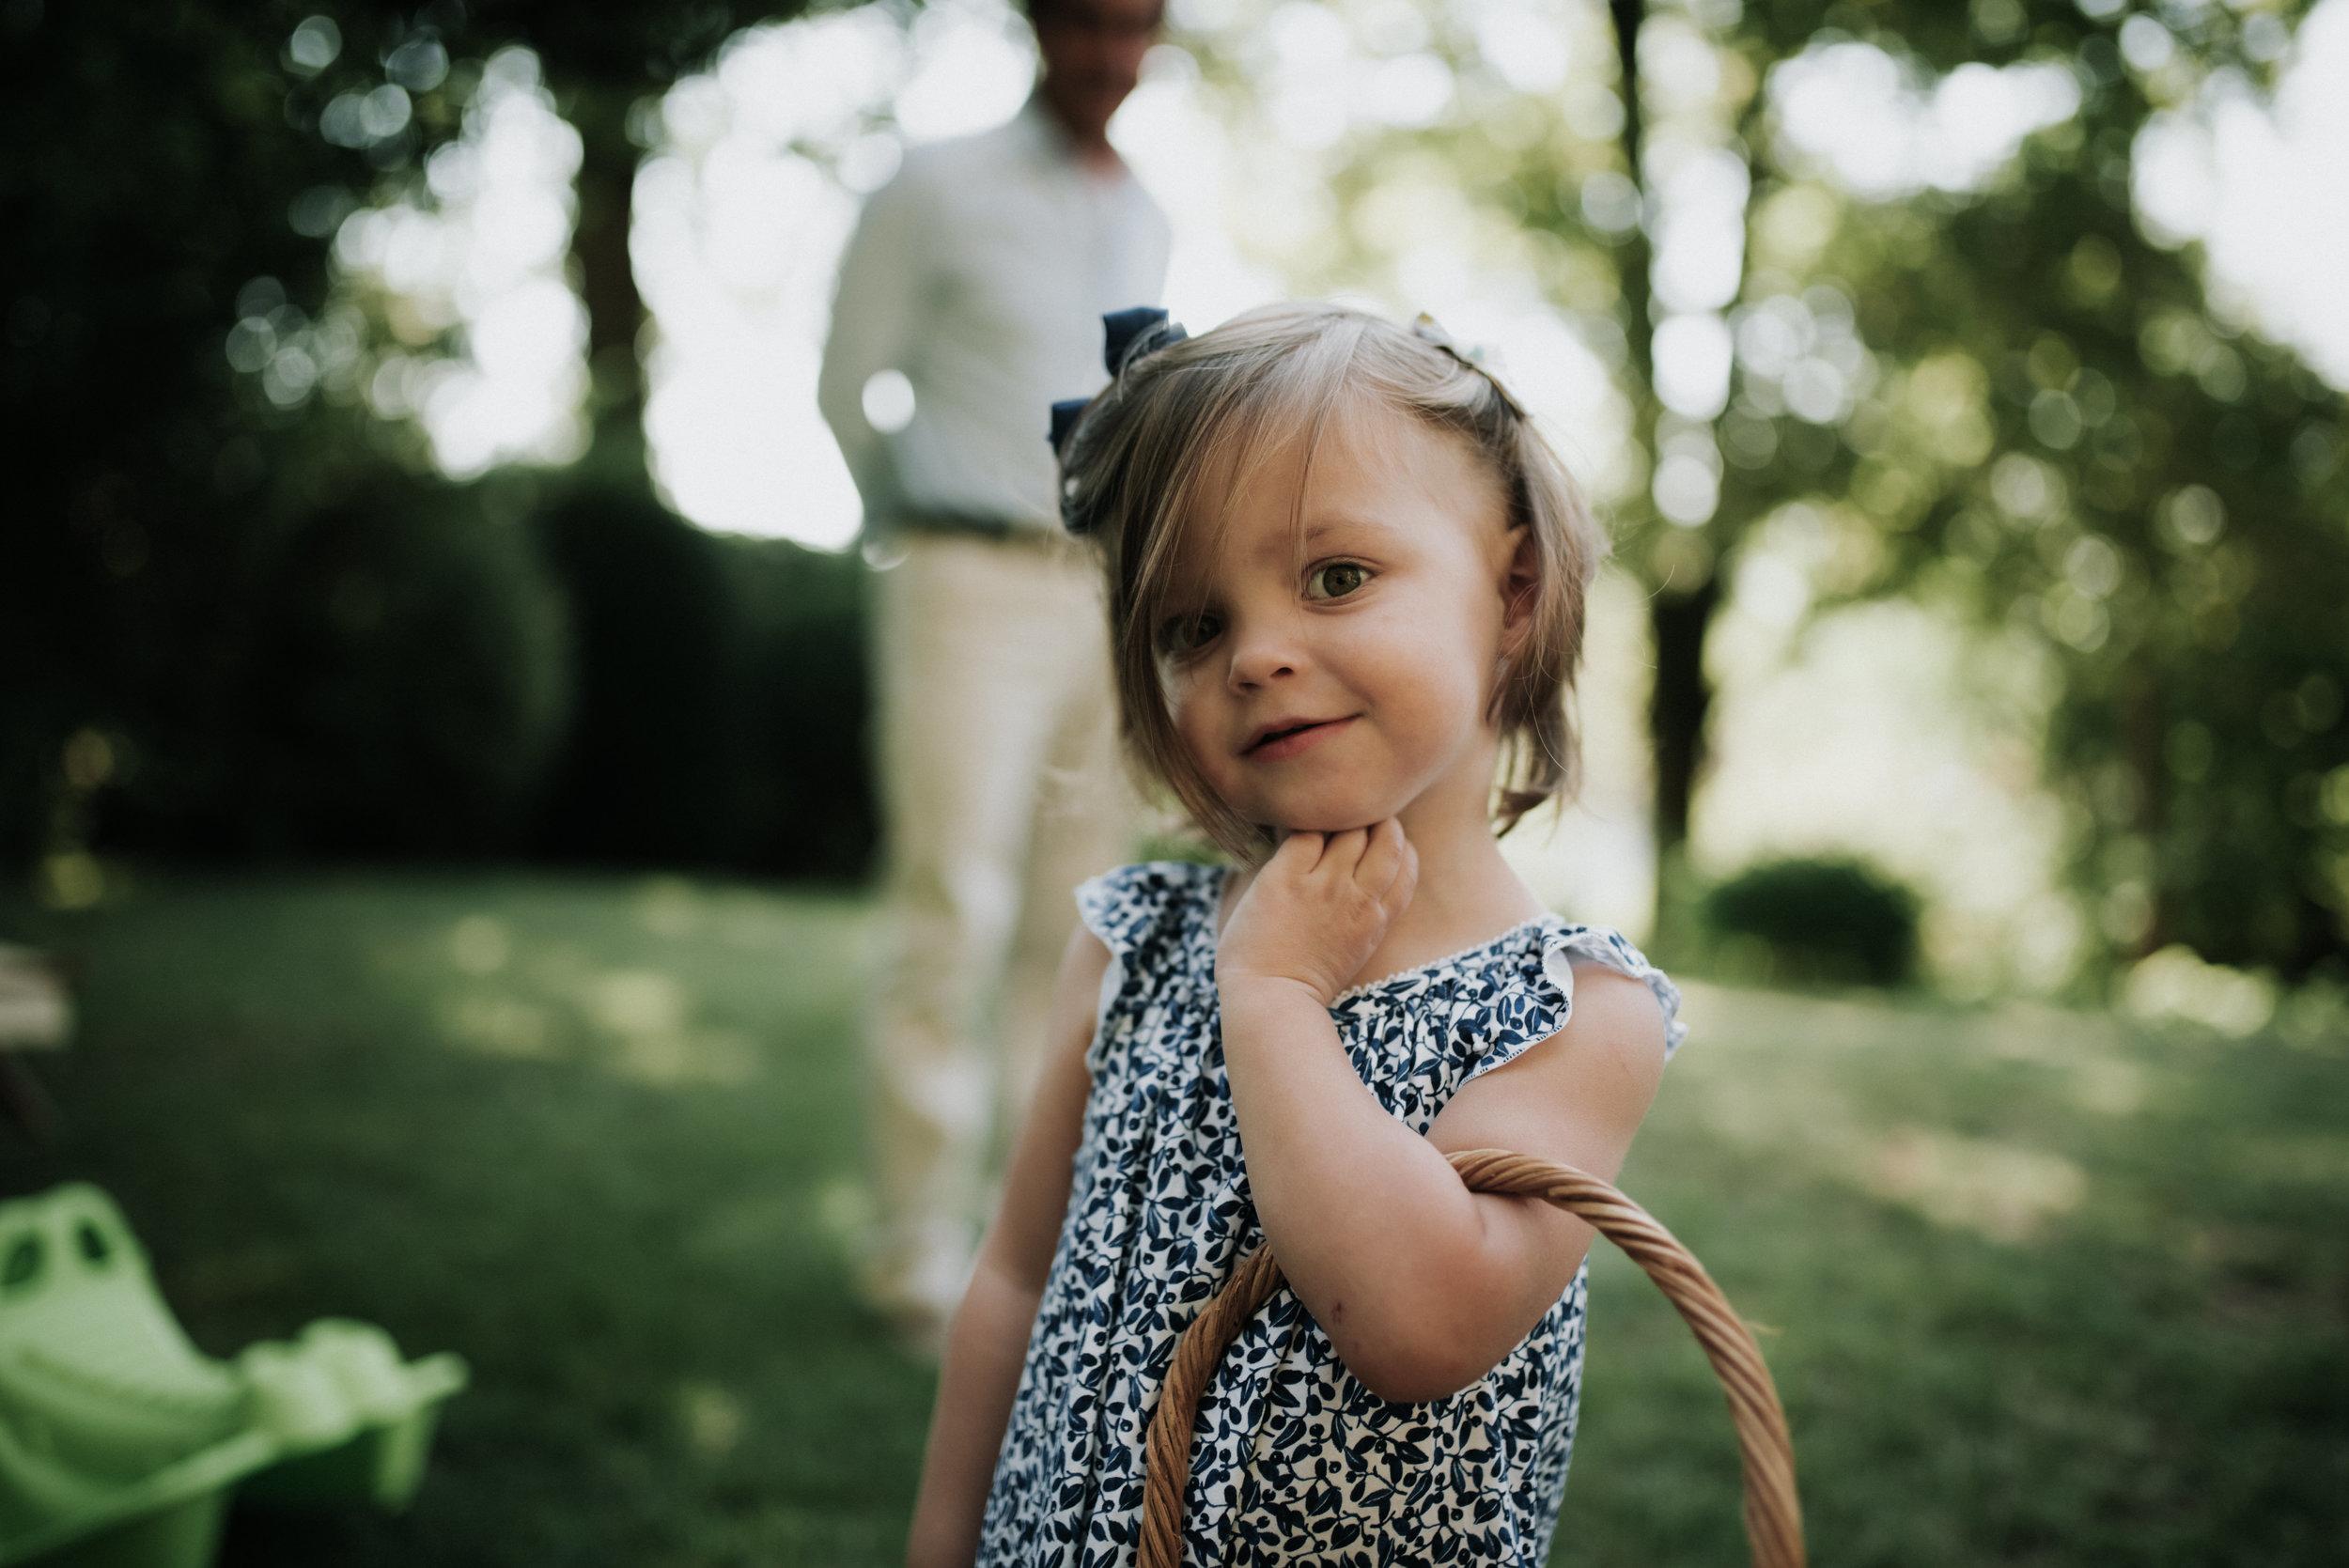 Léa-Fery-photographe-professionnel-lyon-rhone-alpes-portrait-creation-mariage-evenement-evenementiel-famille-4356.jpg